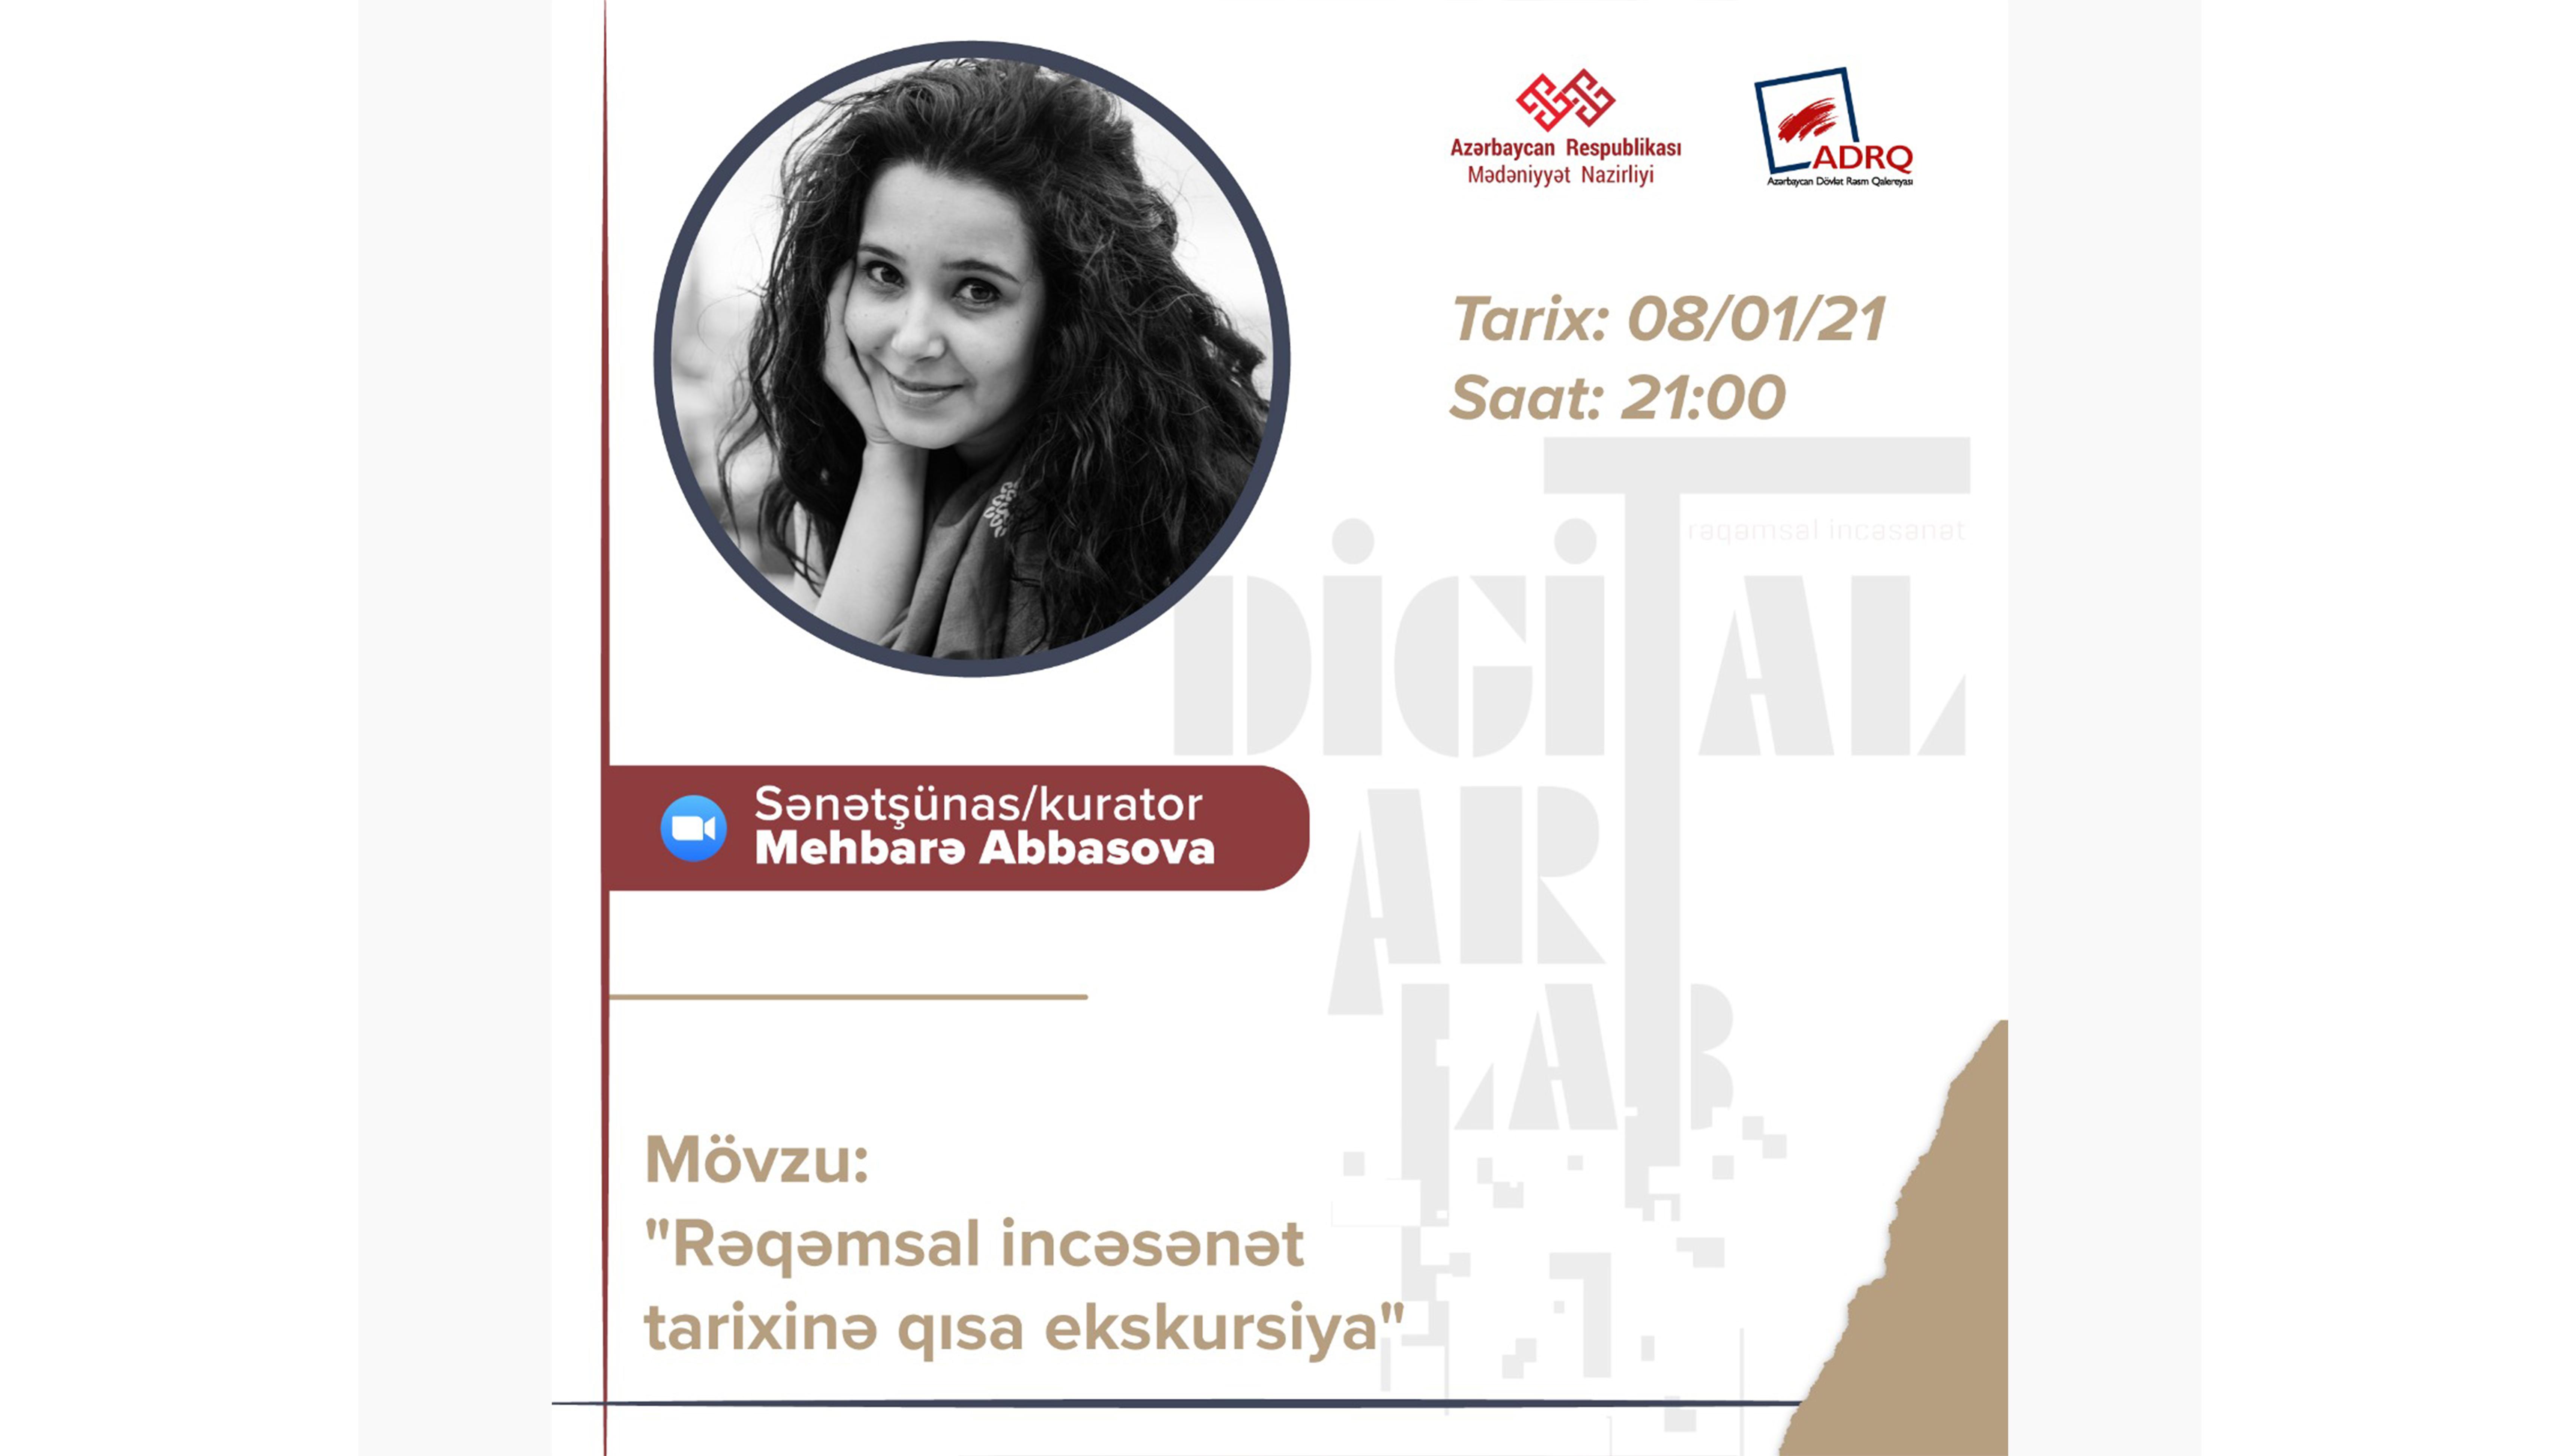 """Sənətşünas Mehbarə Abbasova """"Digitalart-lab"""" layihəsinin qonağı olacaq."""